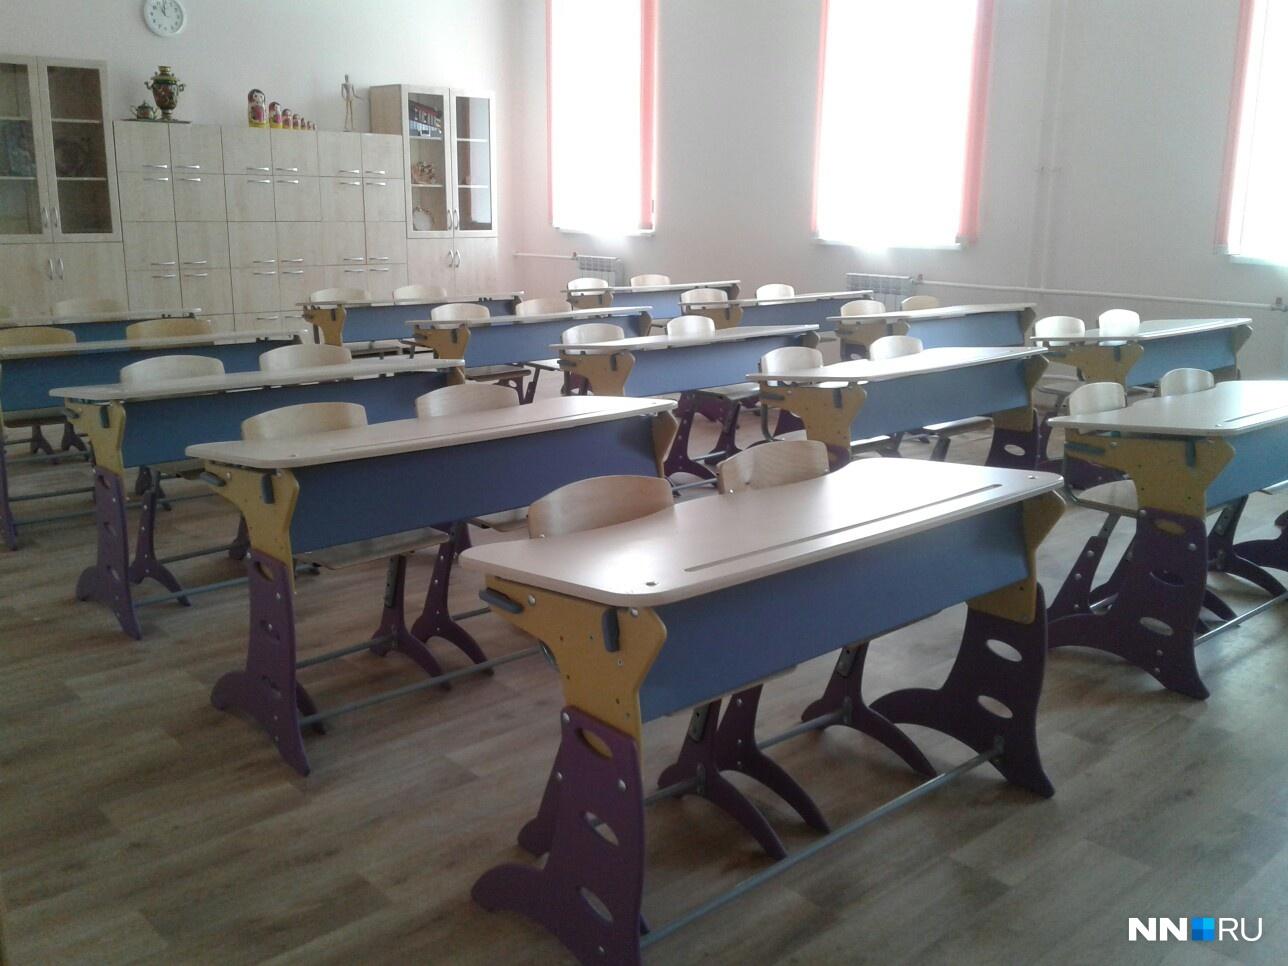 Православным классам могут позавидовать многие светские школы